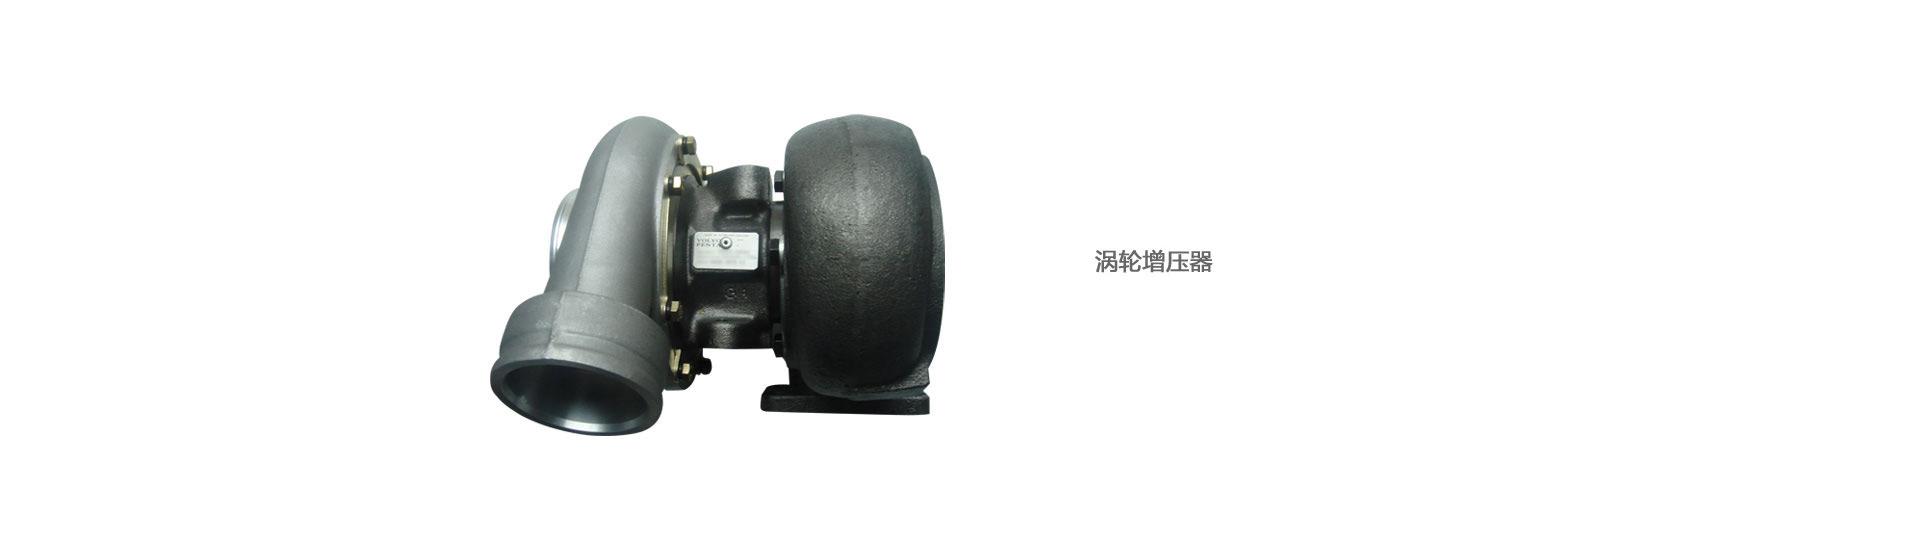 沃尔沃涡轮增压器